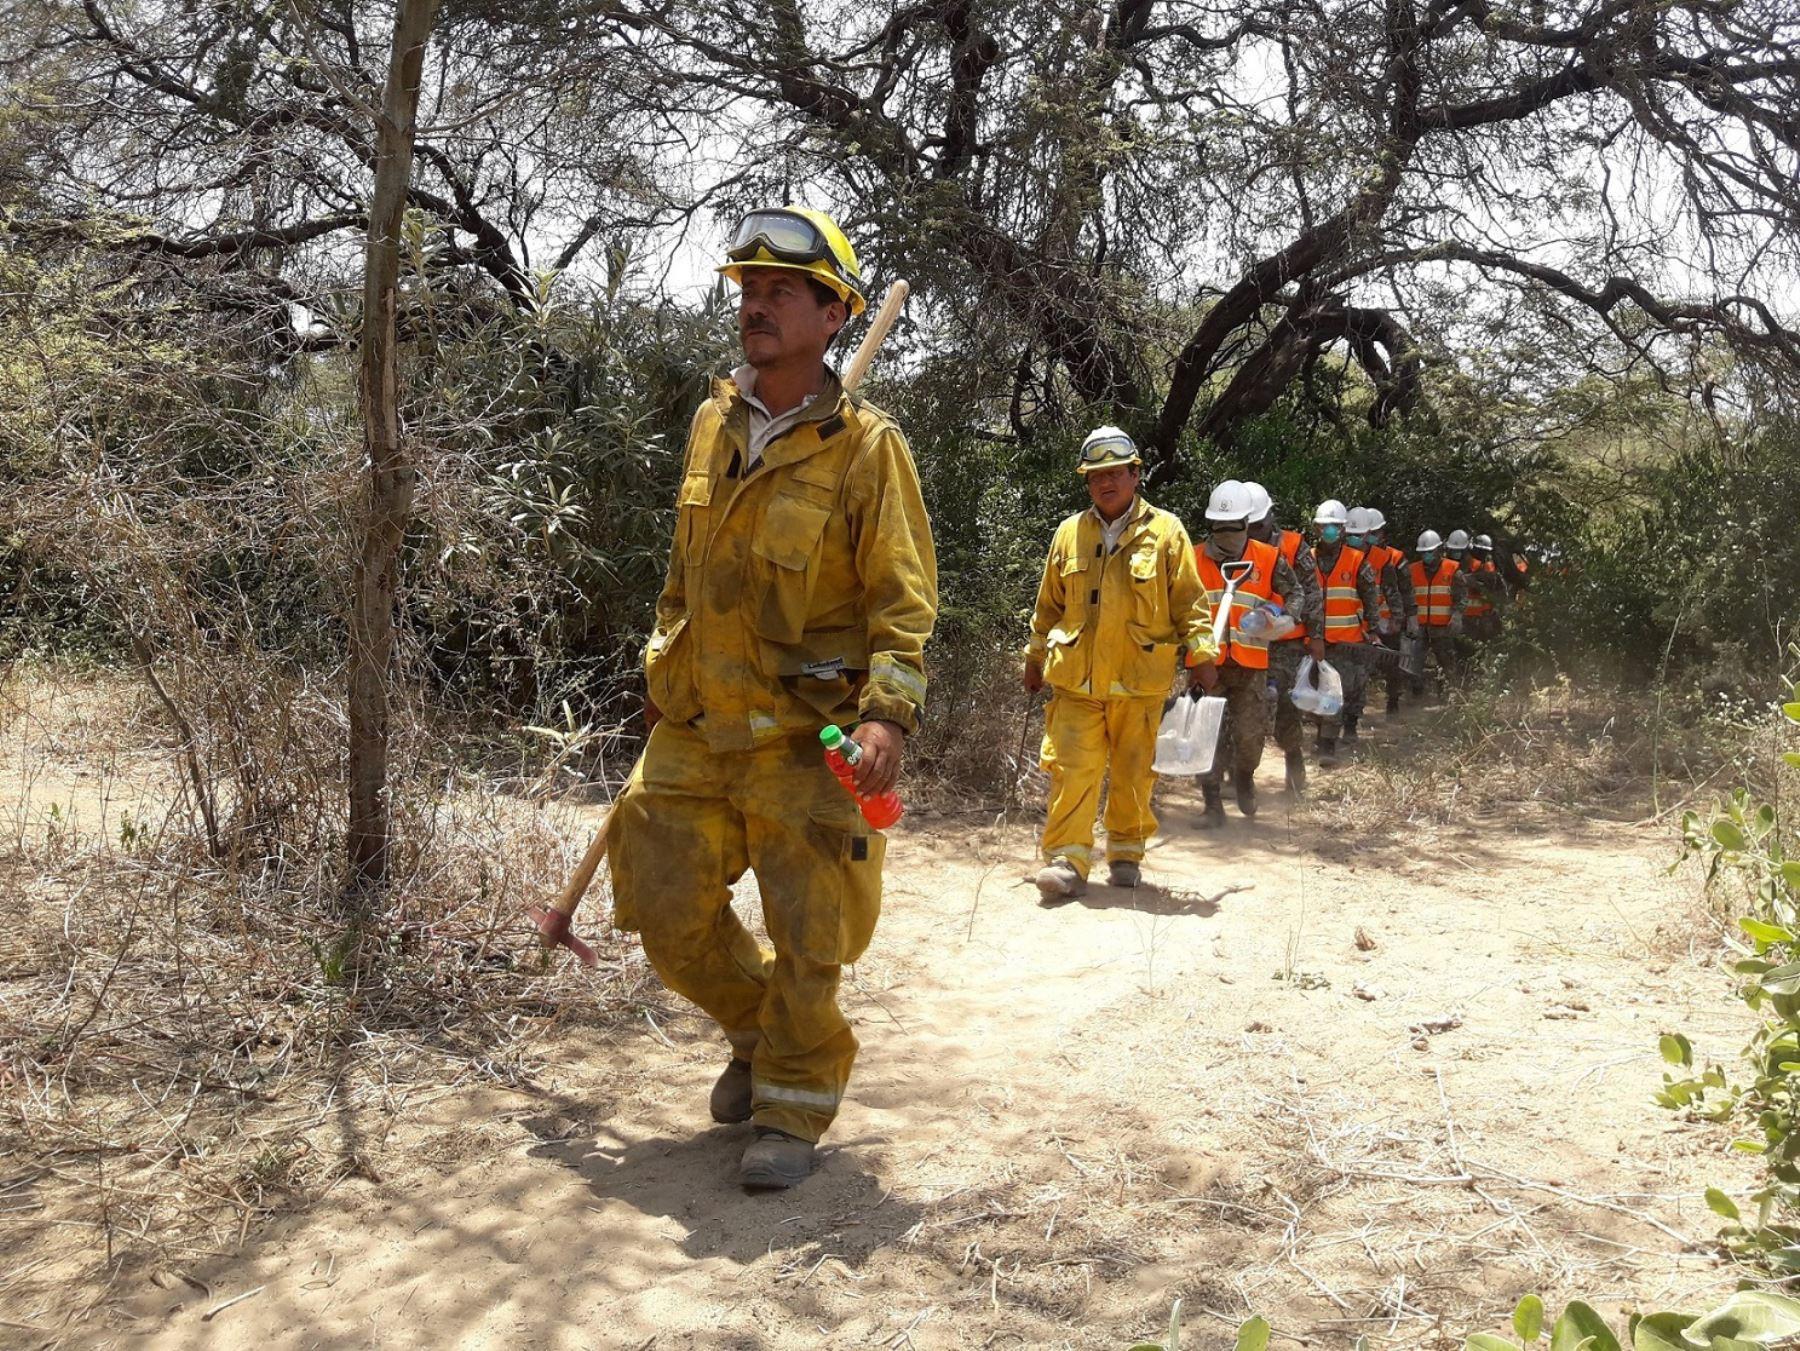 En el control del incendio forestal en el Santuario Histórico Bosque de Pómac participaron guardaparques bomberos forestales del Sernanp, brigadistas comunales, miembros del Ejército y de la Policía Nacional, bomberos.